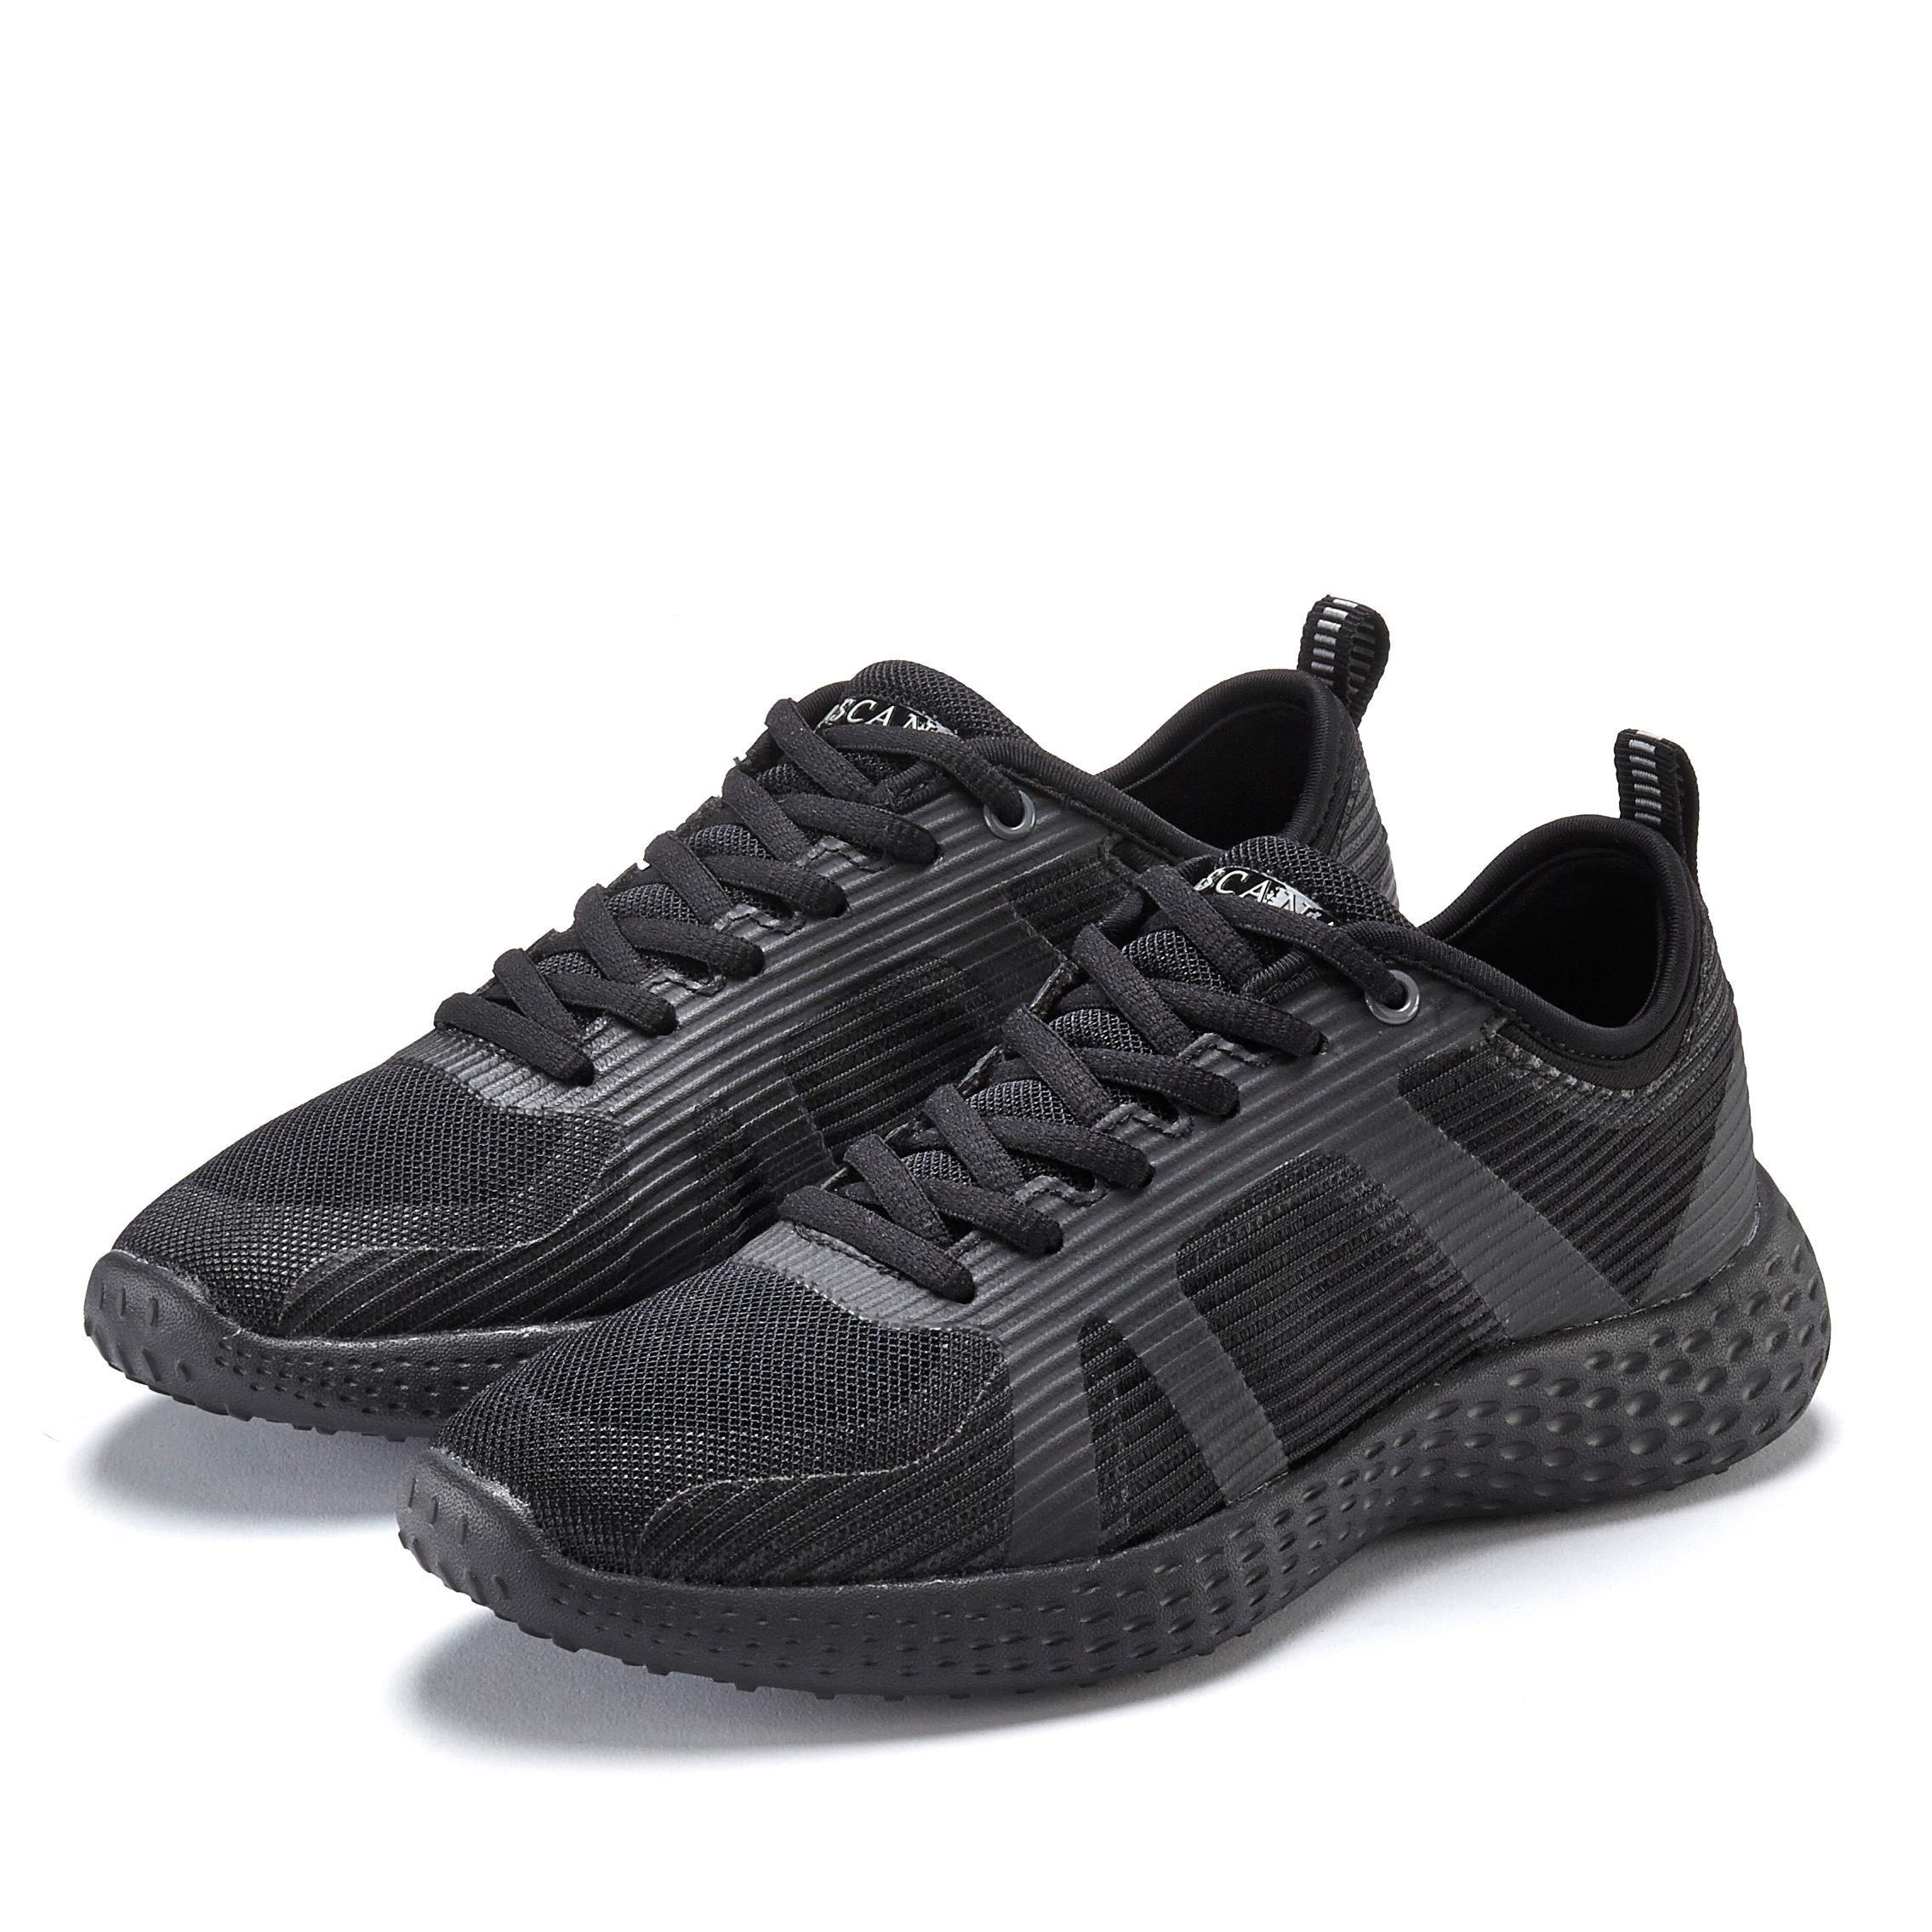 LASCANA sneakers nu online kopen bij OTTO